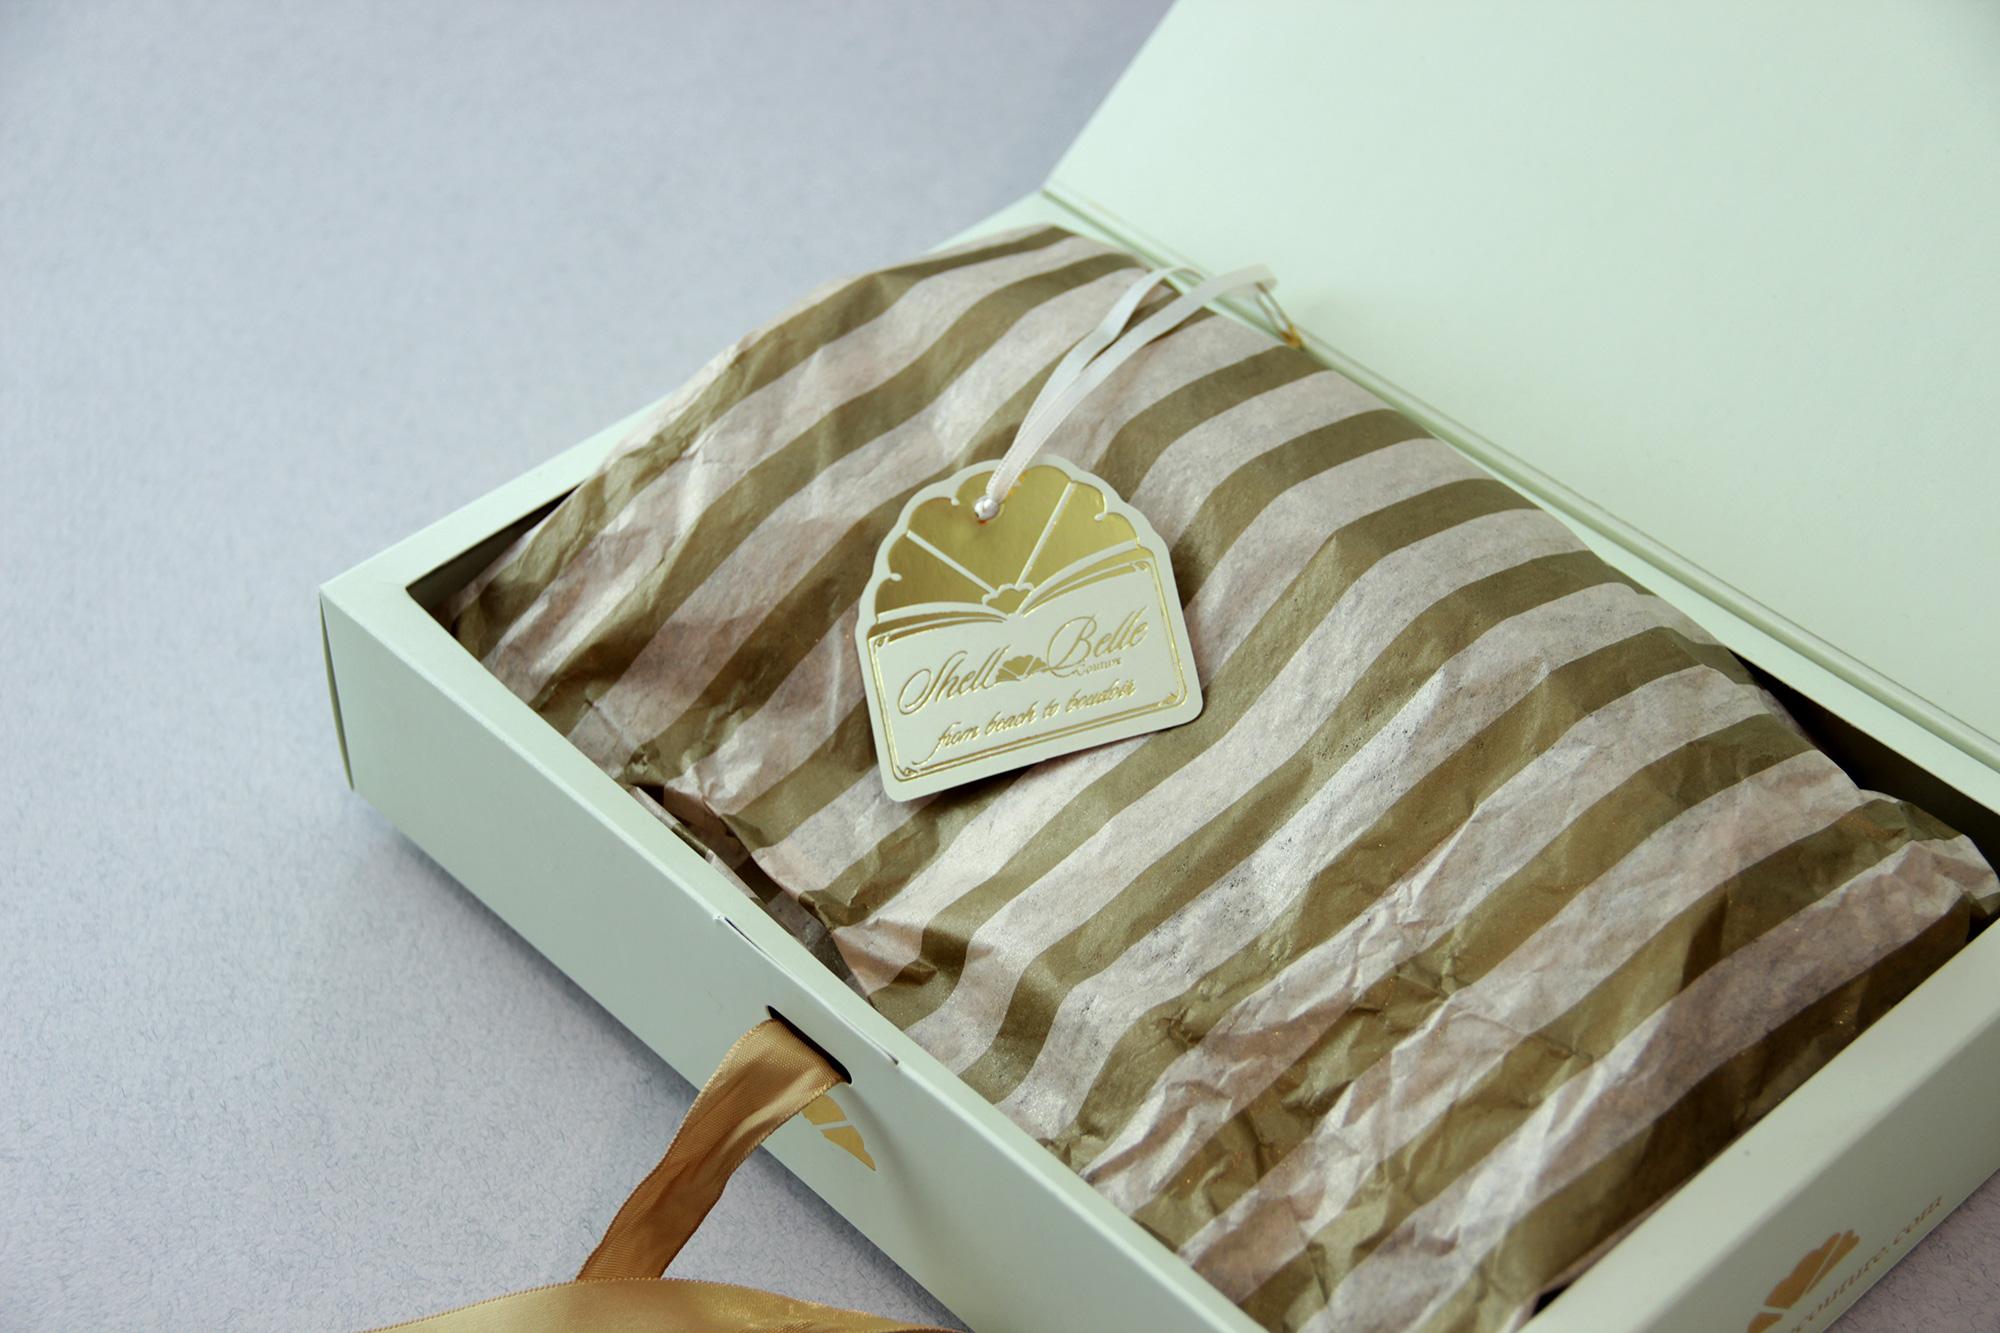 Обзор нижнего белья Shell Belle Couture в журнале GB {Garterblog.ru}